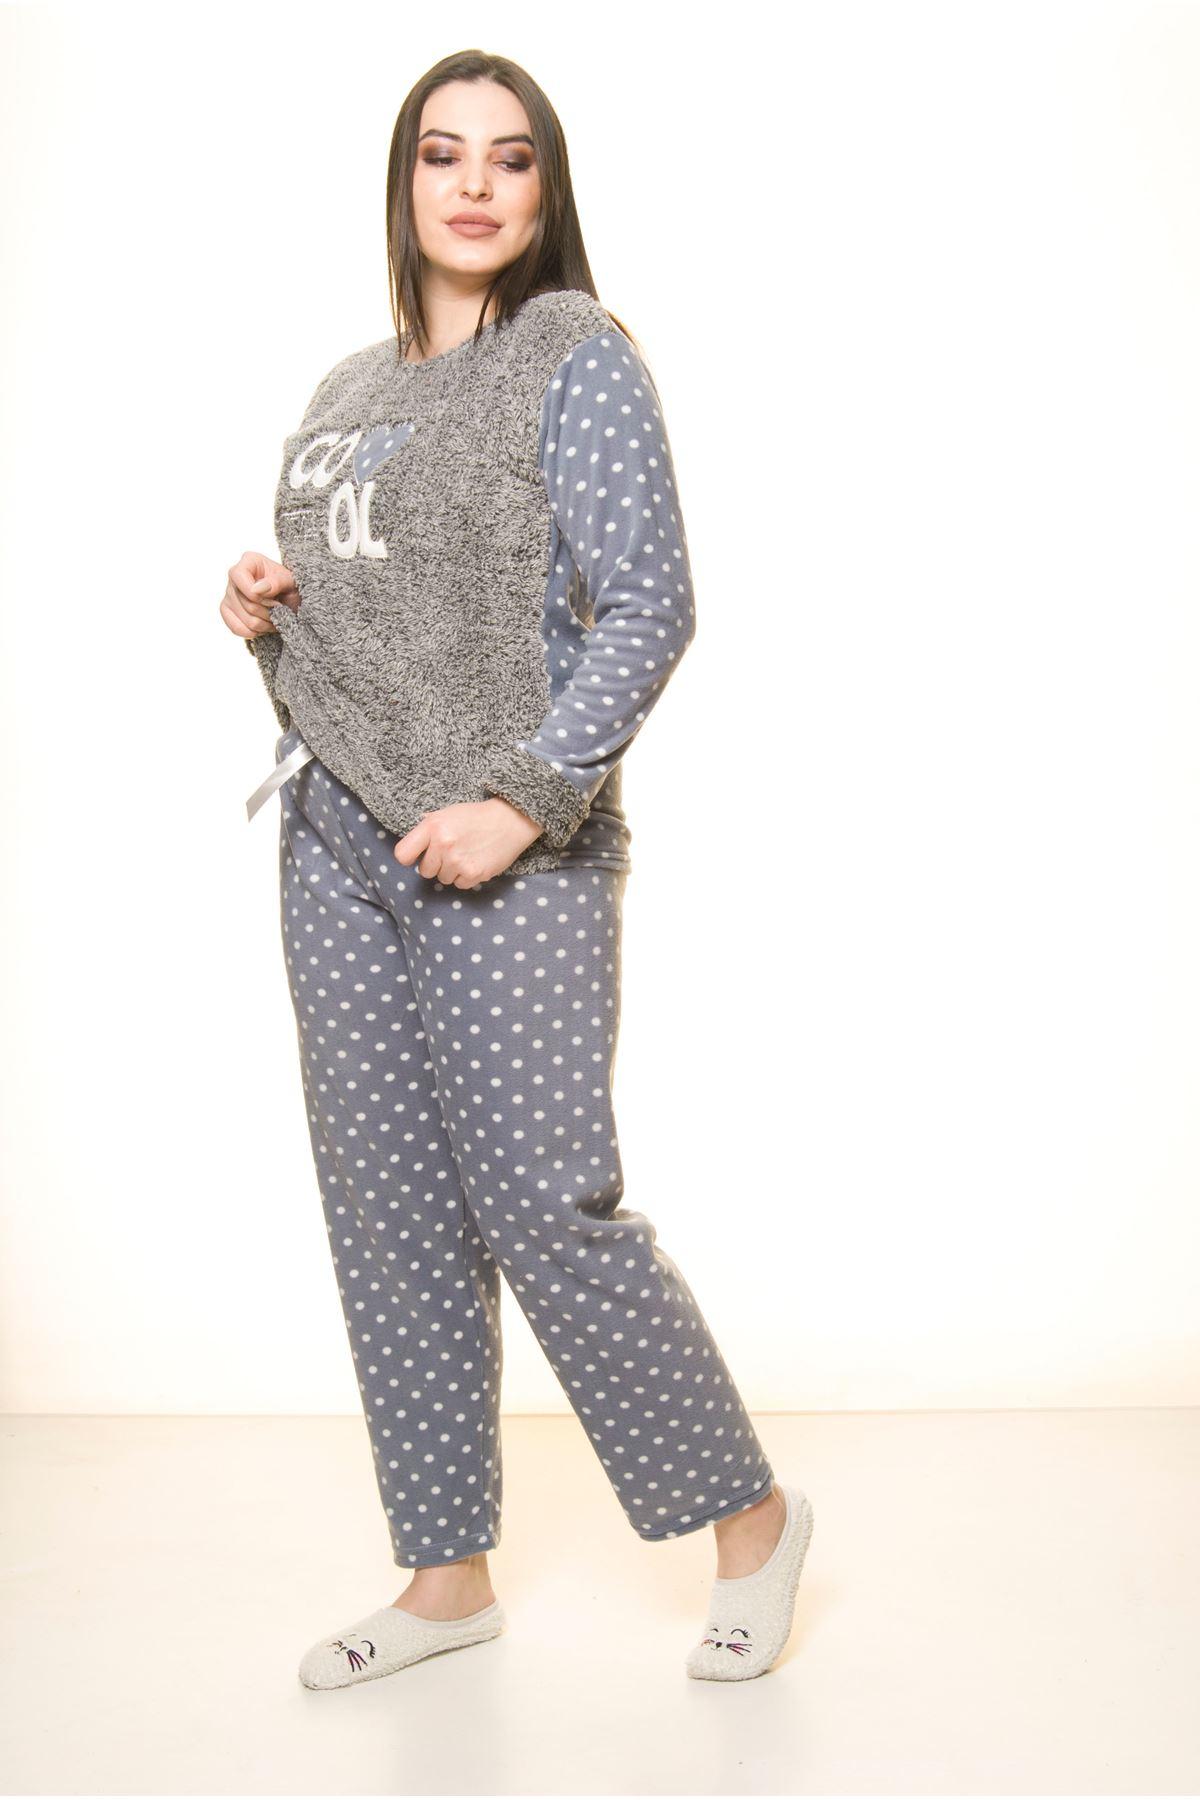 Polar Peluş Kışlık Pijama Takımı 32C-1514